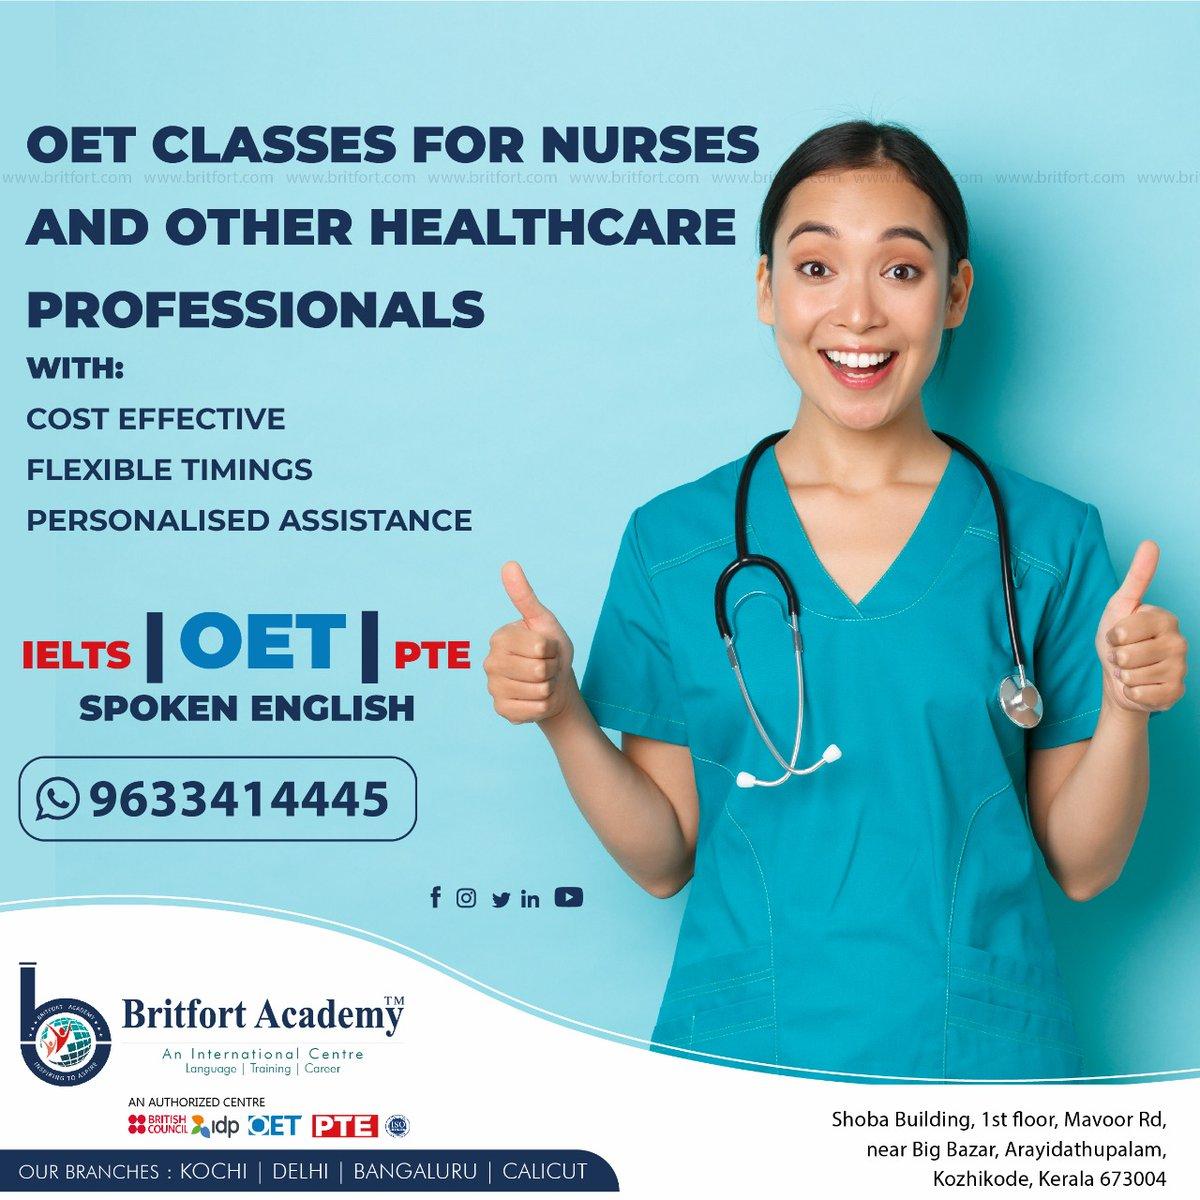 നിങ്ങൾ ഒരു മെഡിക്കൽ പ്രൊഫെഷണൽ  ആണോ ? OET ഒക്യുപേഷണൽ ഇംഗ്ലീഷ് ടെസ്റ്റാണ്, ഹെൽത്ത് കെയർ പ്രൊഫഷണലുകൾക്കുള്ള ഇന്റർനാഷണൽ ഇംഗ്ലീഷ് പ്രൊഫിഷ്യൻസി ടെസ്റ്റാണിത്.  #Nursing #nurses #healthcare #HealthcareHeroes #healthcareworkers #doctors #Medical